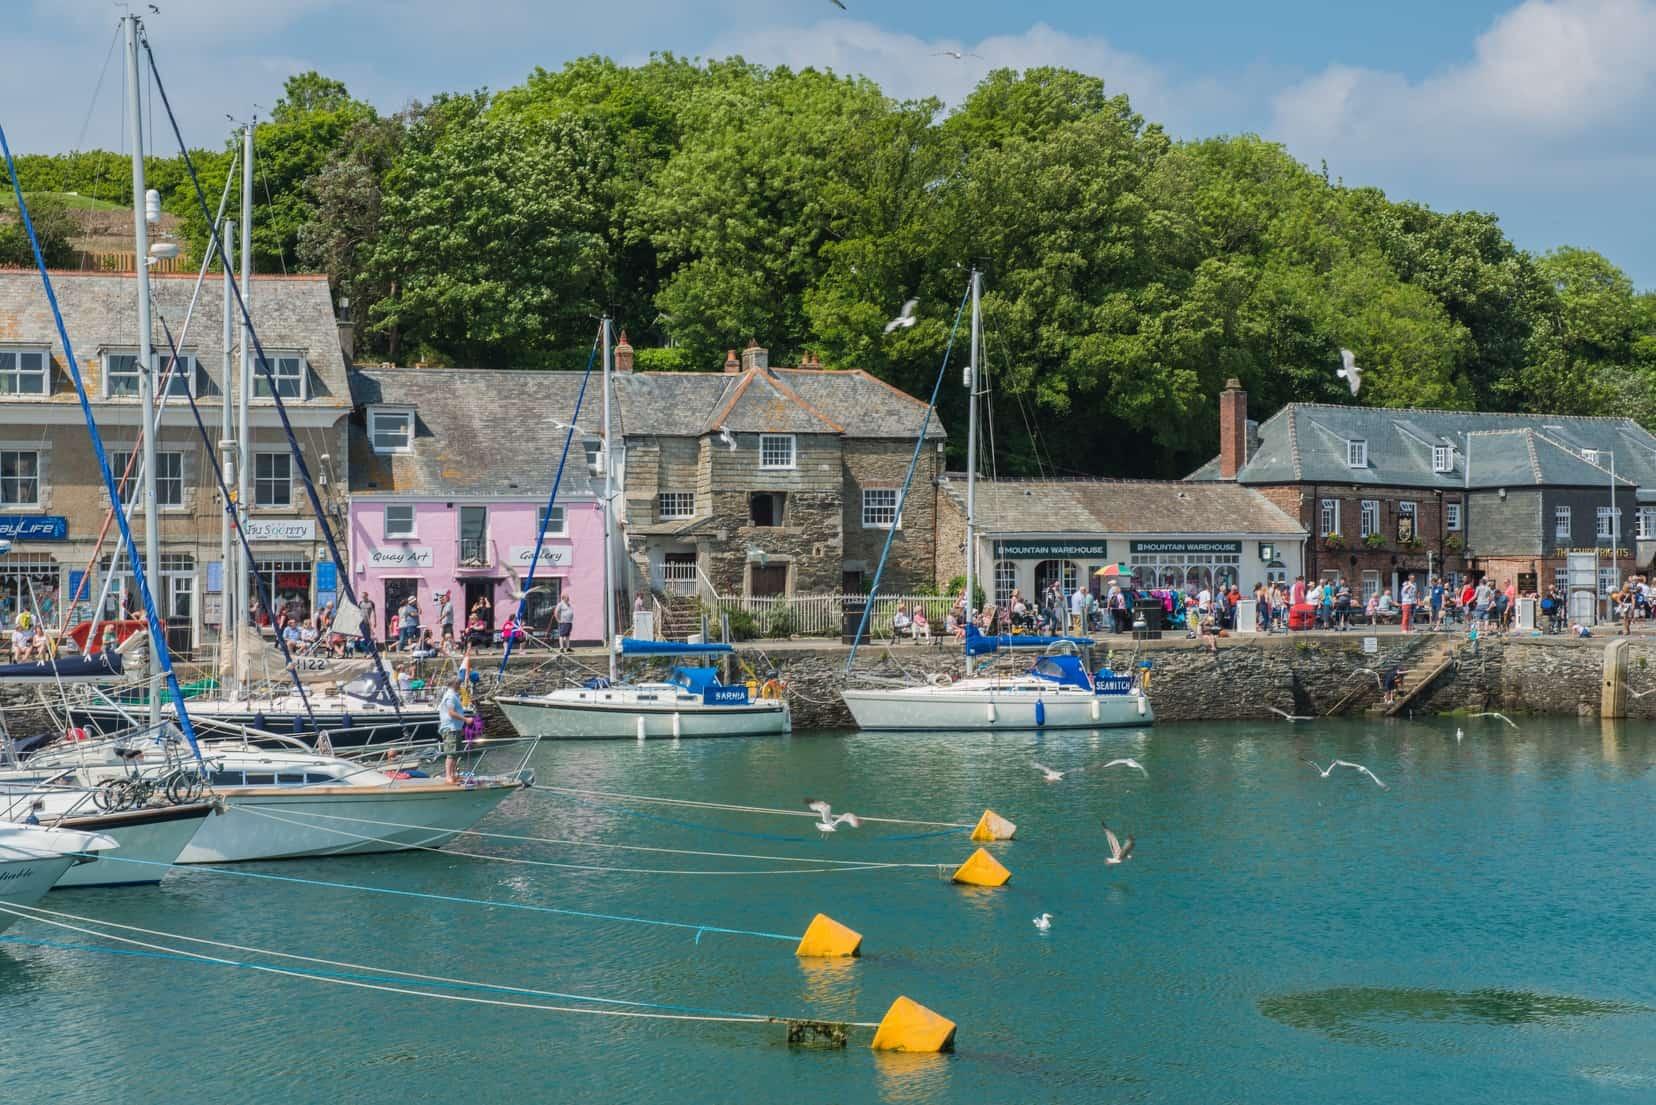 Visiting Cornwall and Saving Money during the Summer Holidays